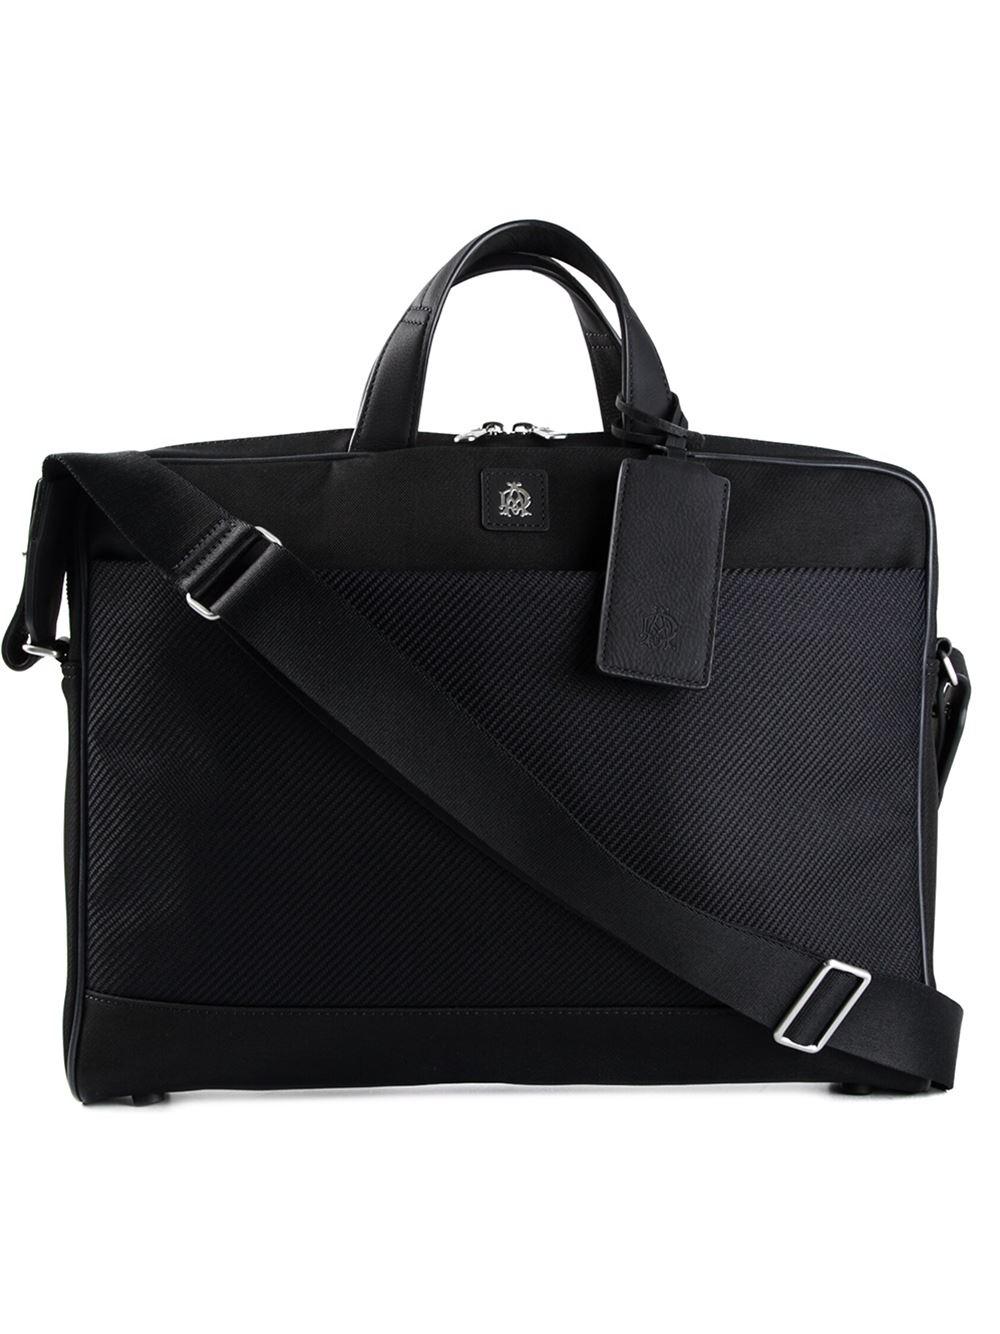 dunhill briefcase photo - 1